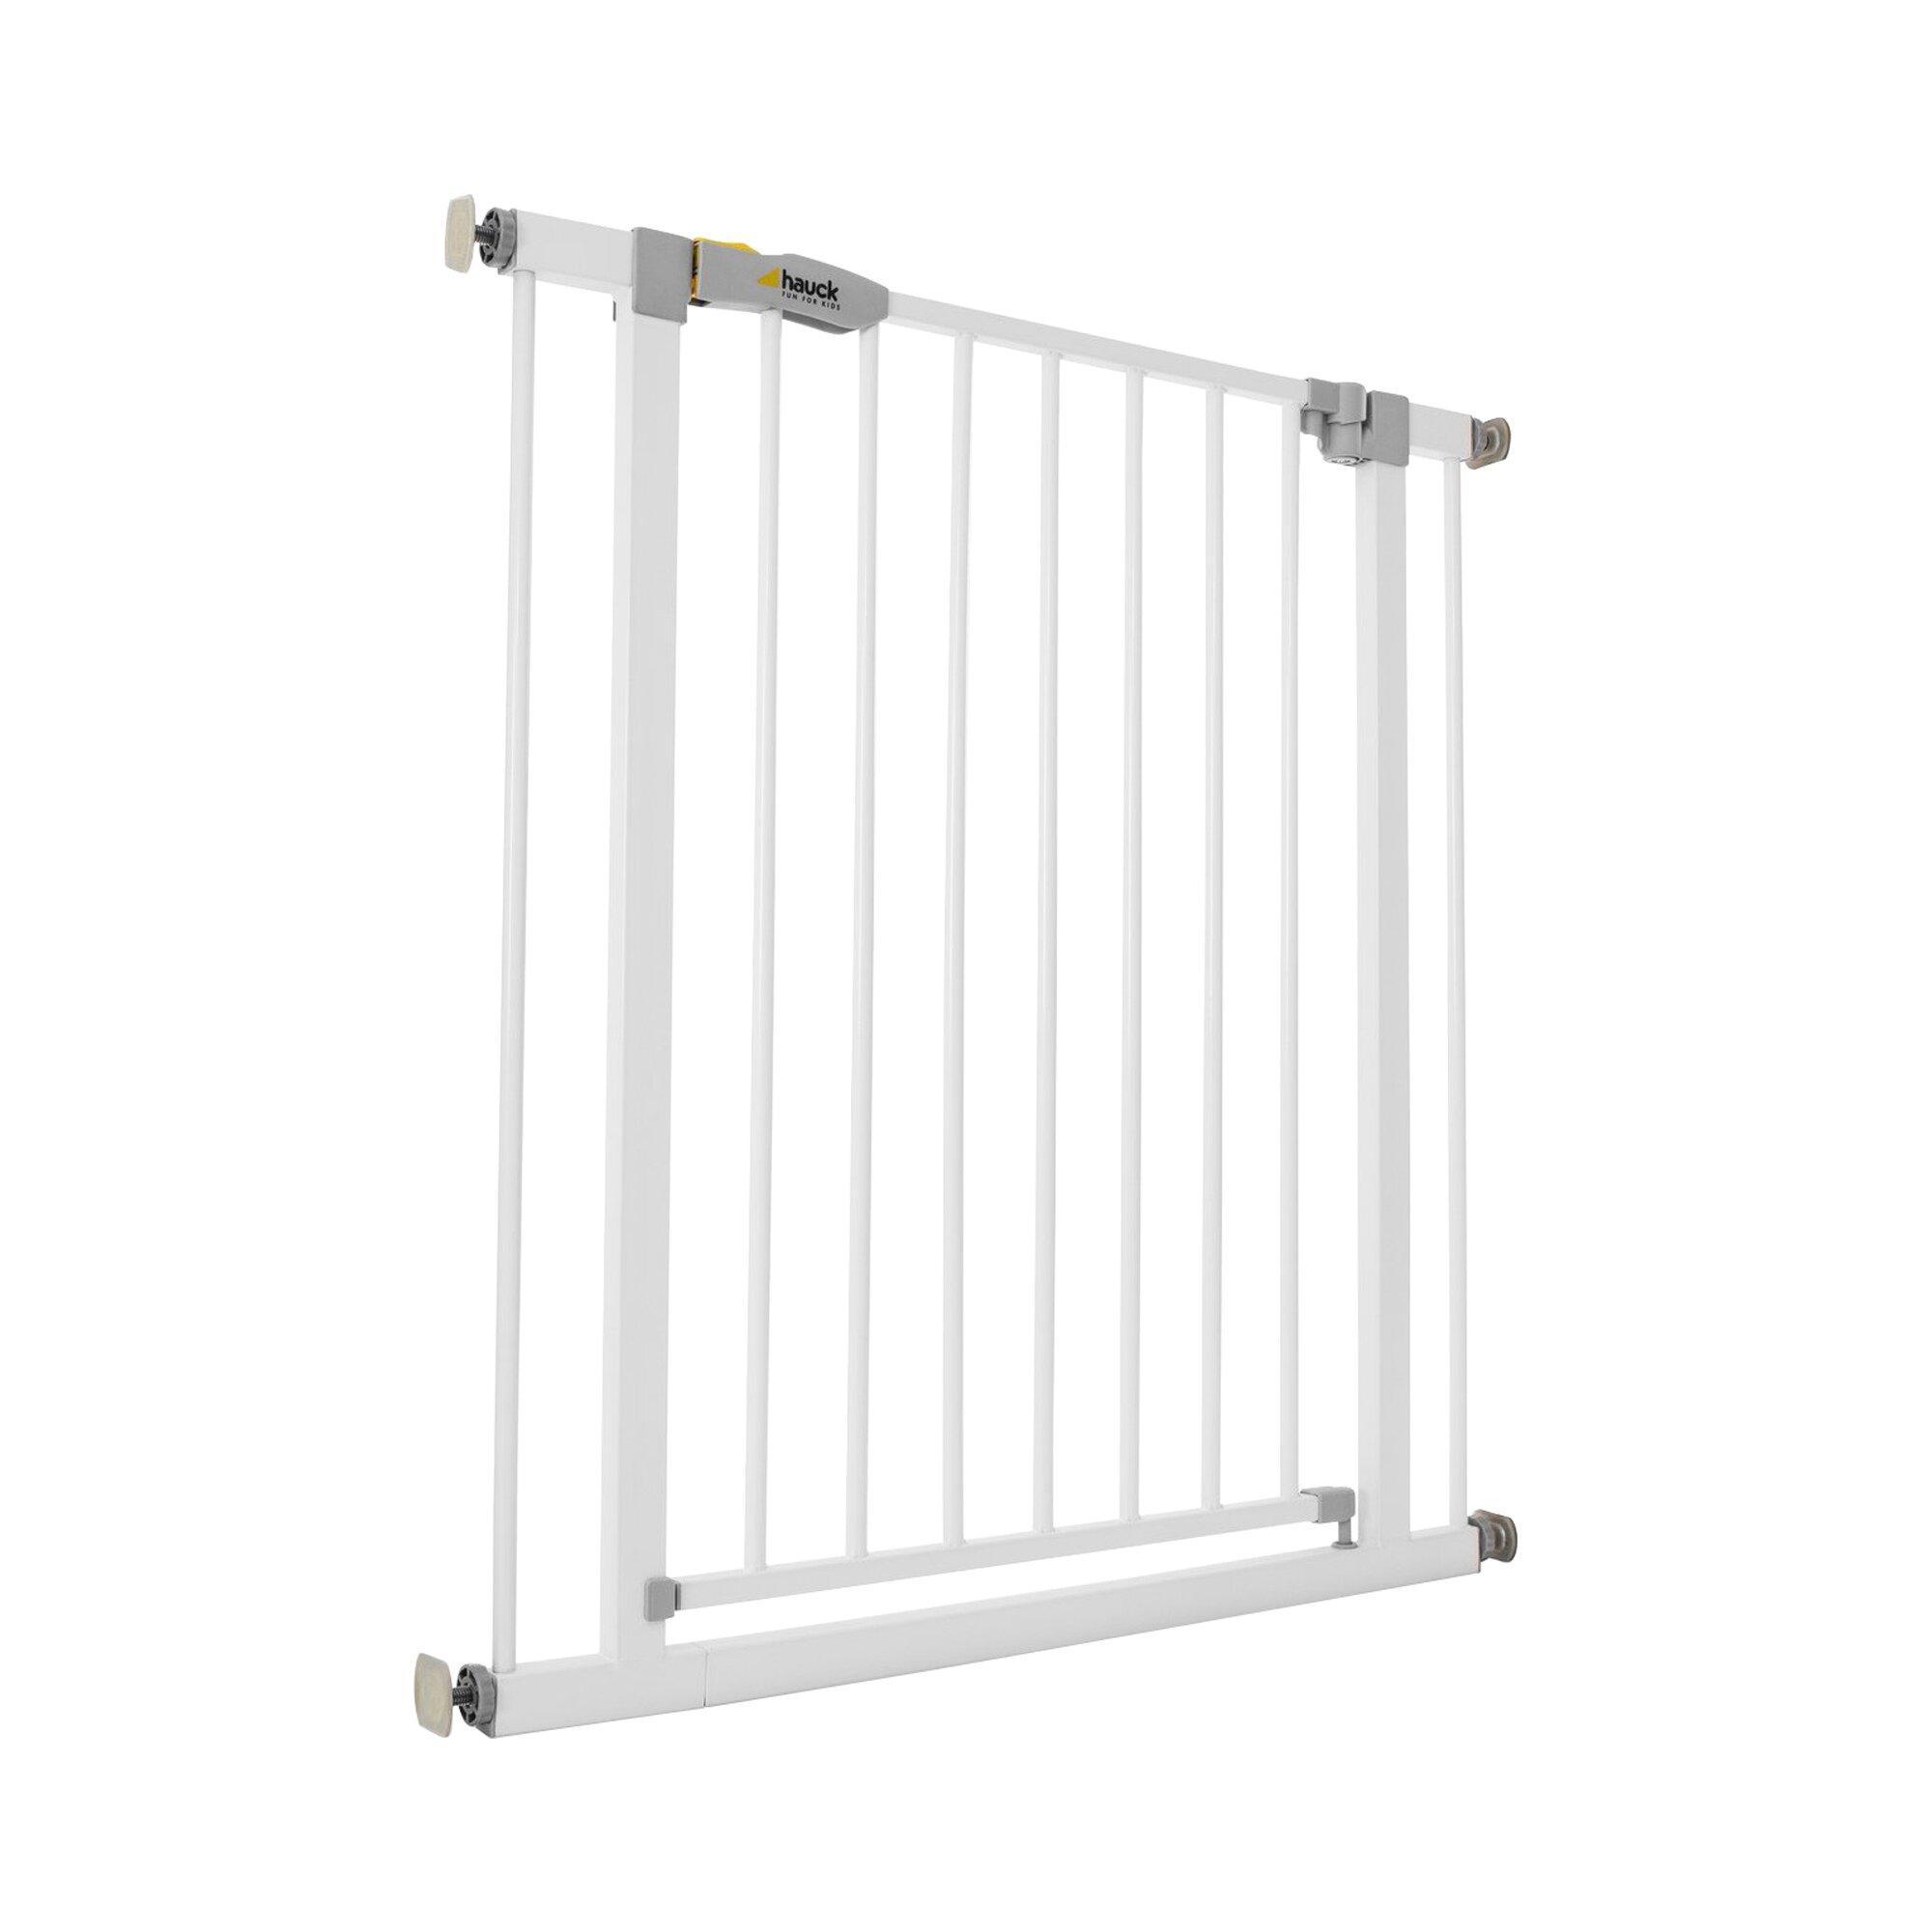 Tür- und Treppenschutzgitter Stop N Safe 2, 75-80 cm